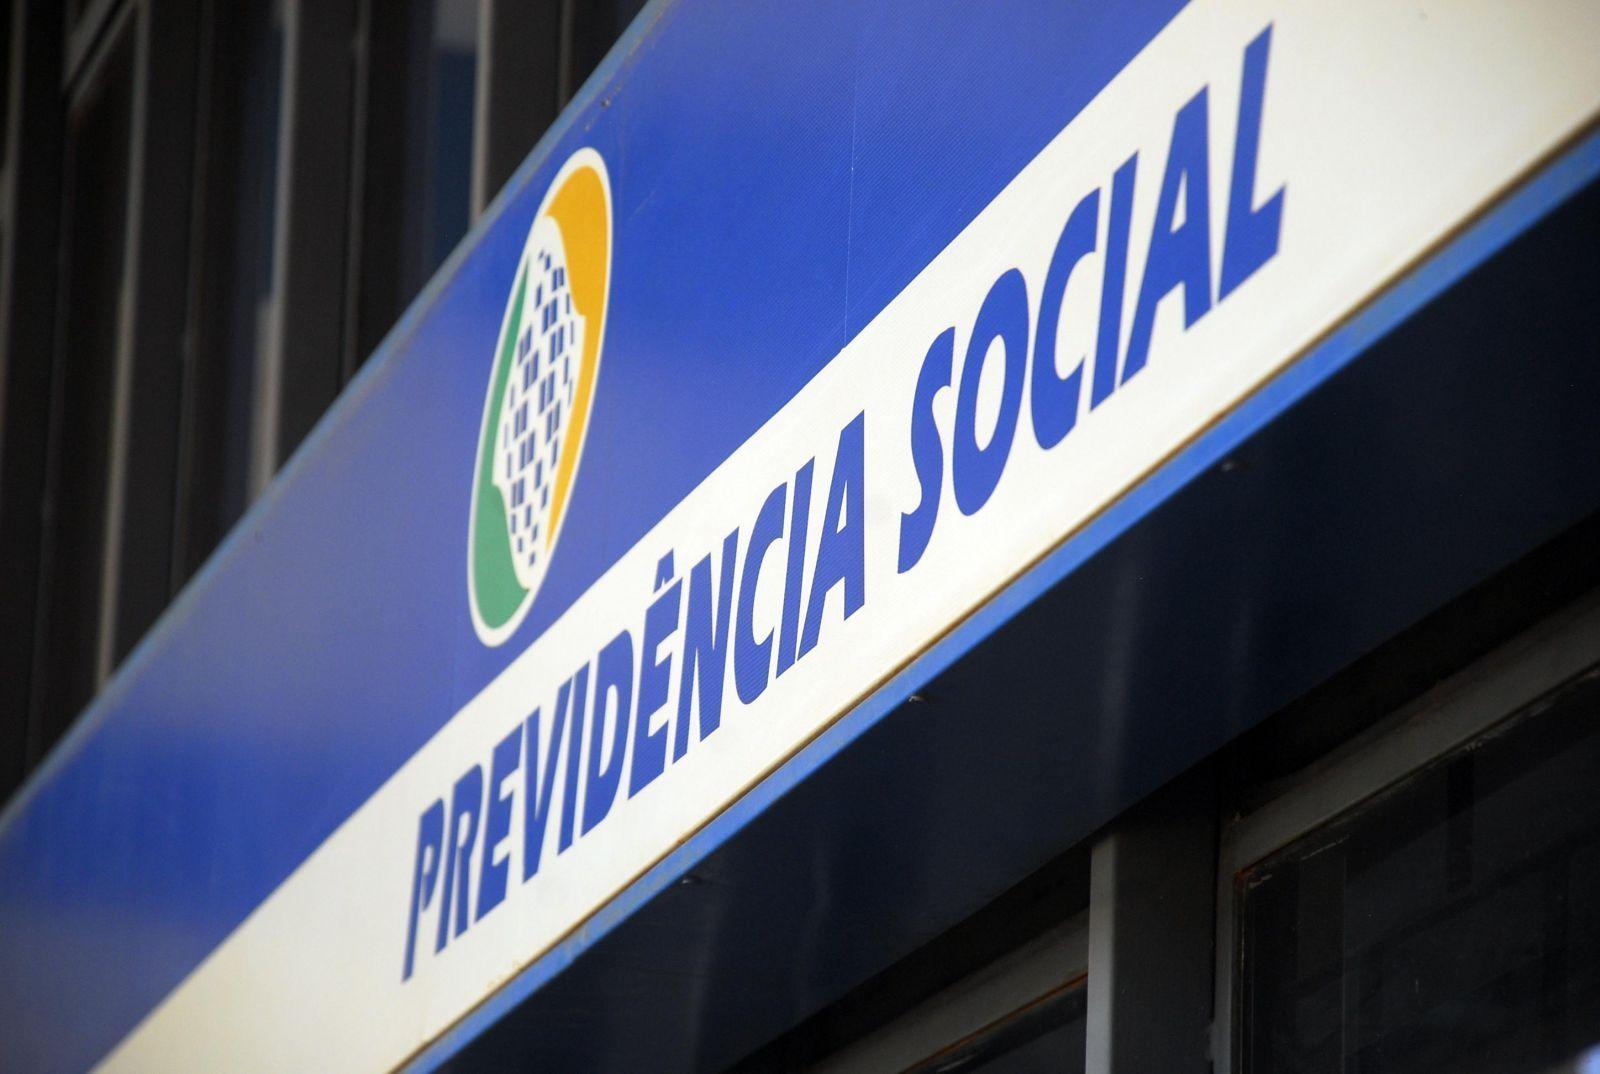 Medida Provisória 871/2019, o que muda?